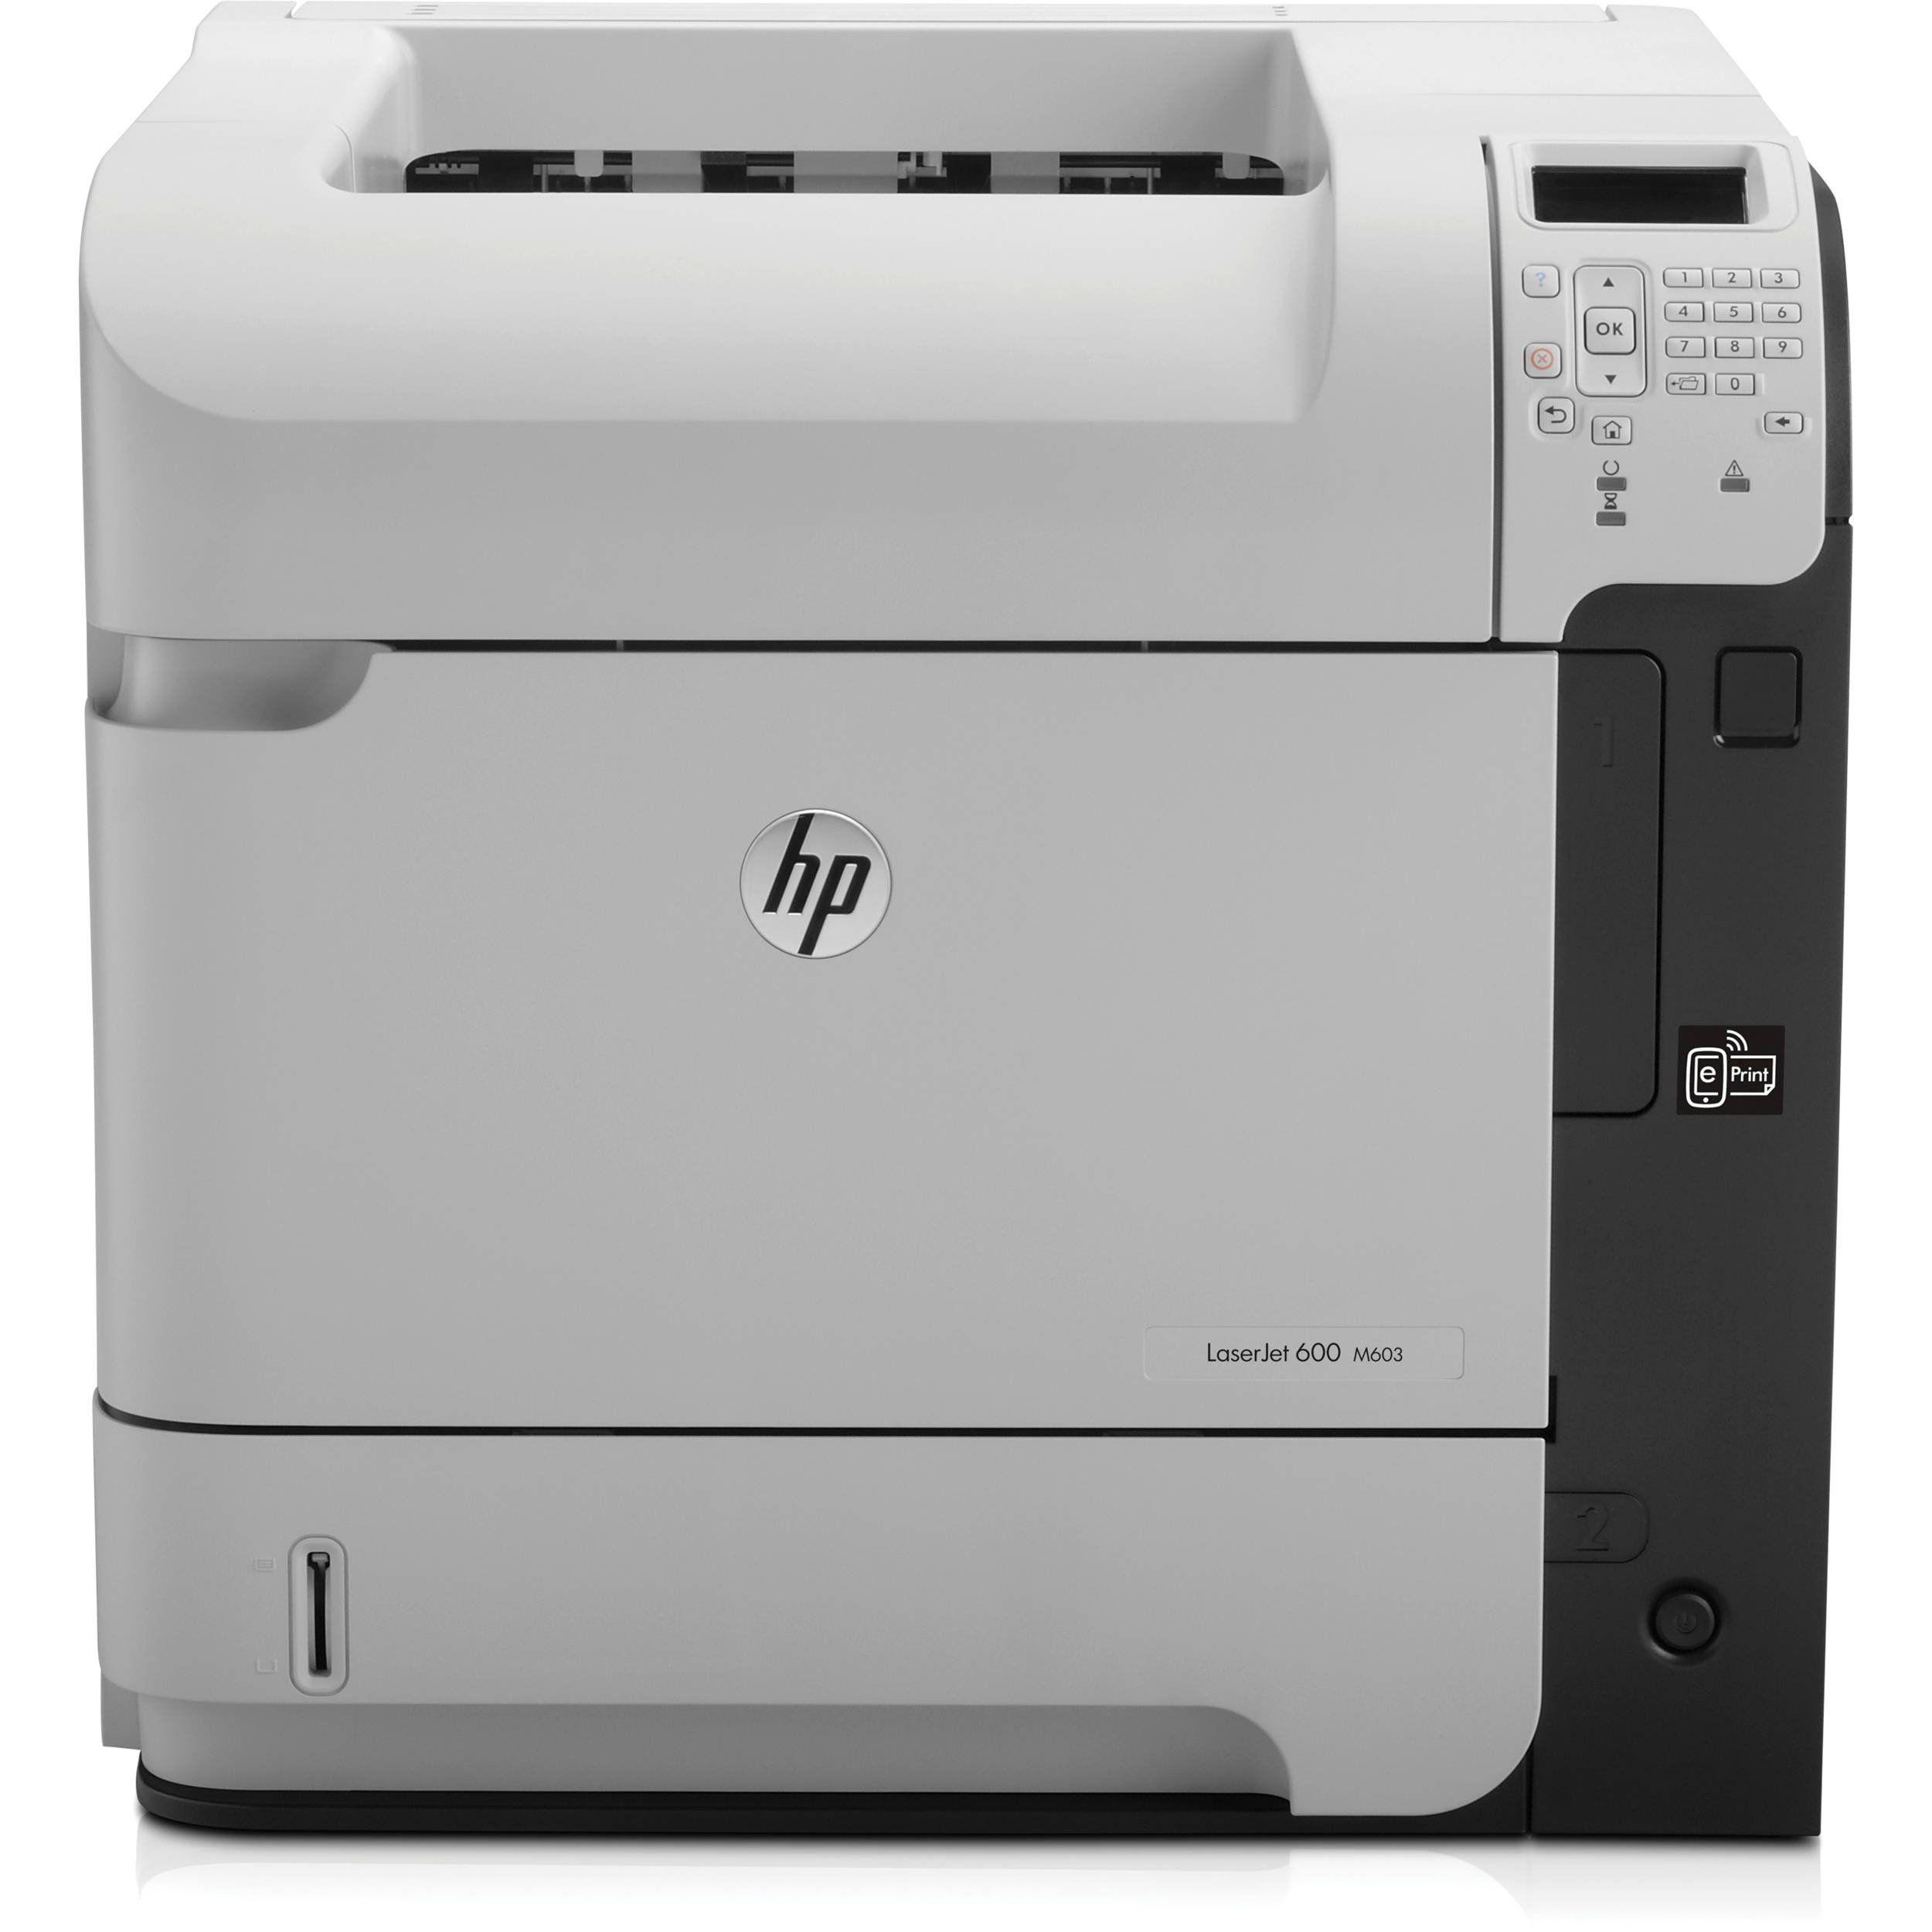 HP LaserJet Enterprise 600 Printer M603dn CE995A ** Learn